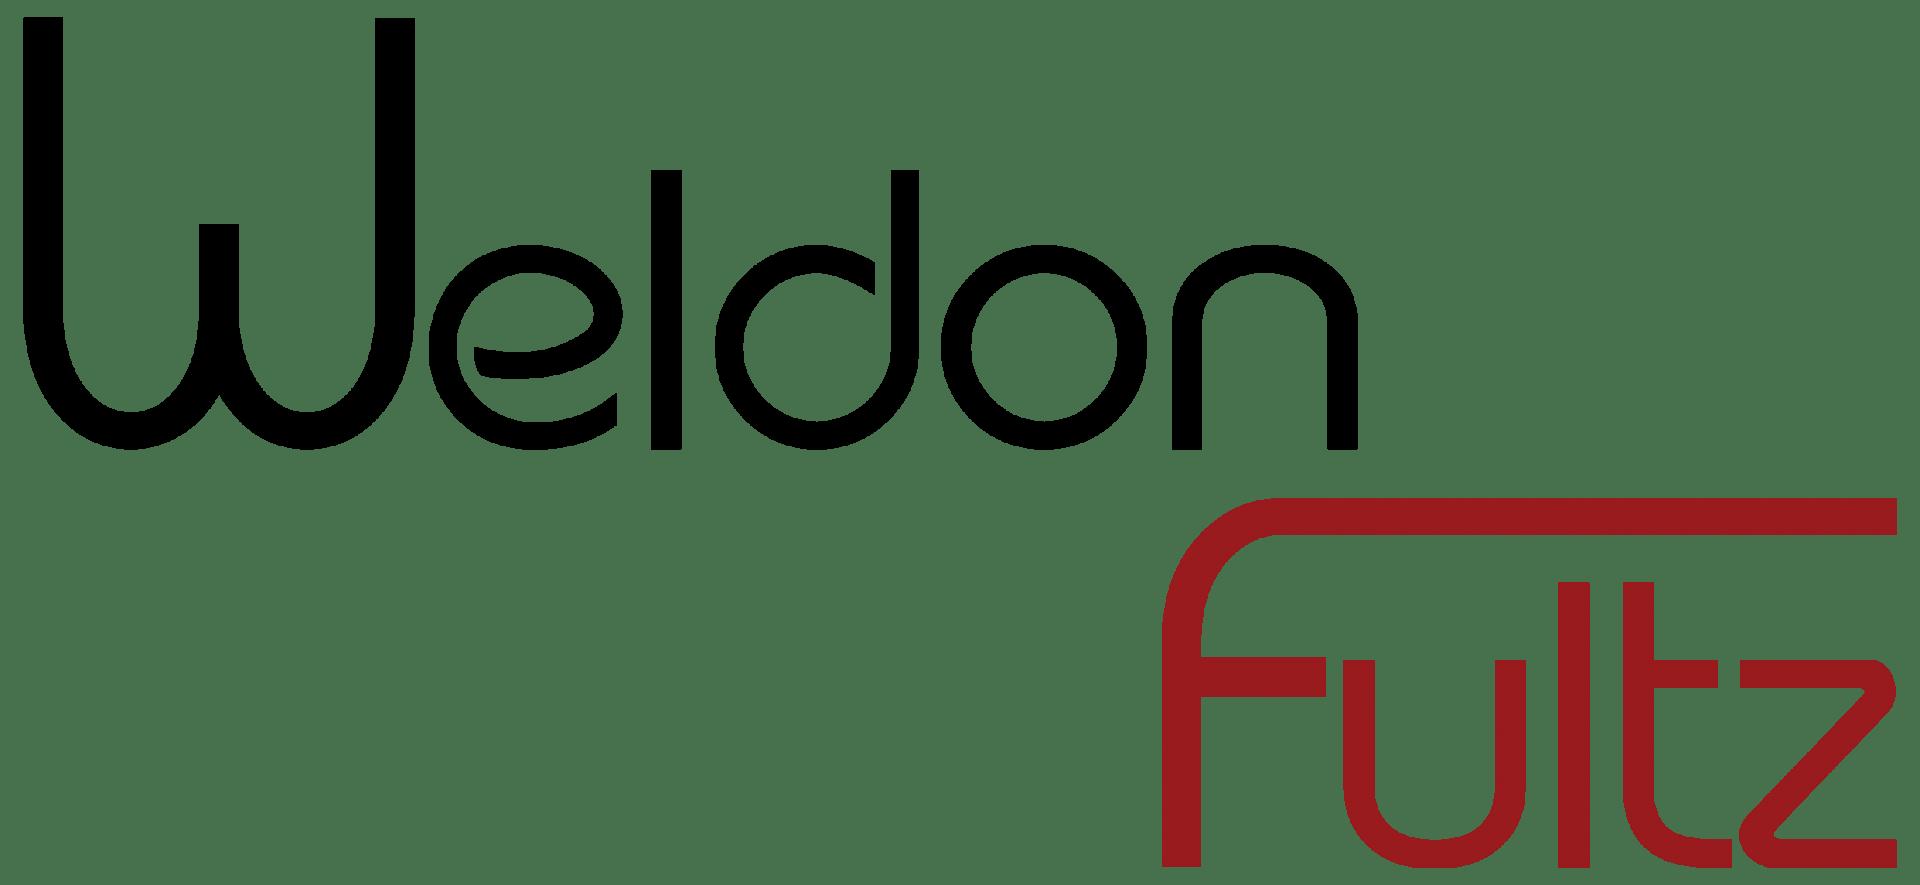 My Brand Process Weldon Fultz Online Portfolio